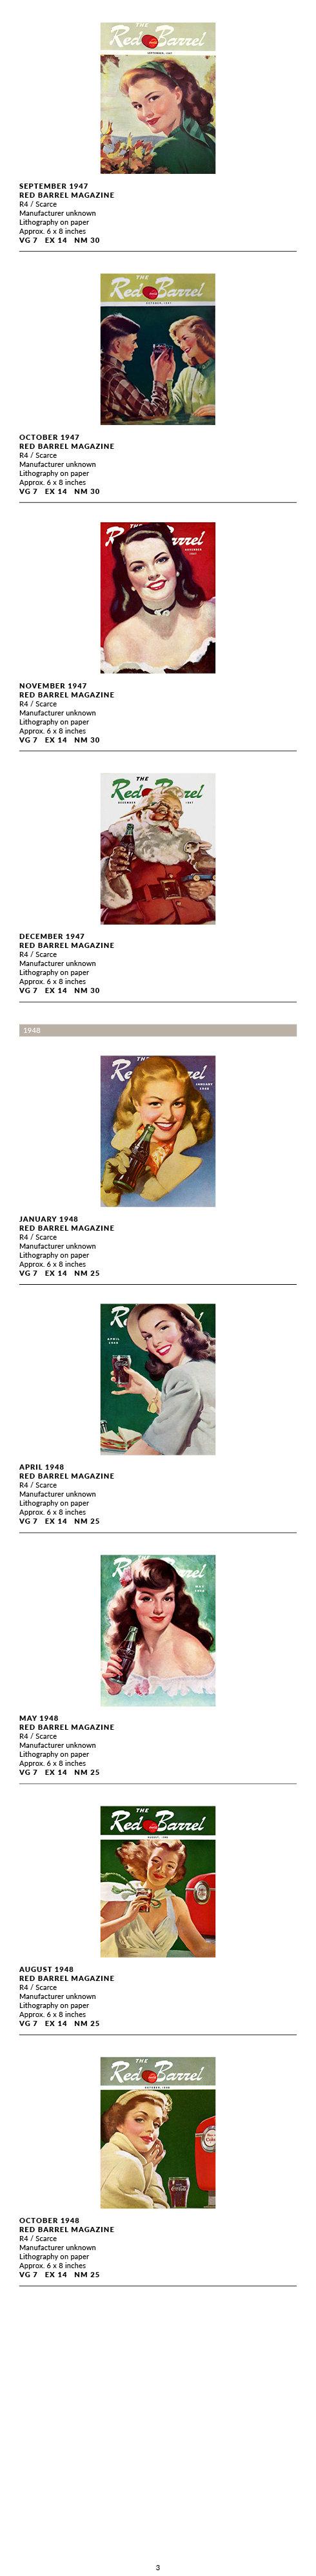 PHONE_RedBarrel_1946-523.jpg